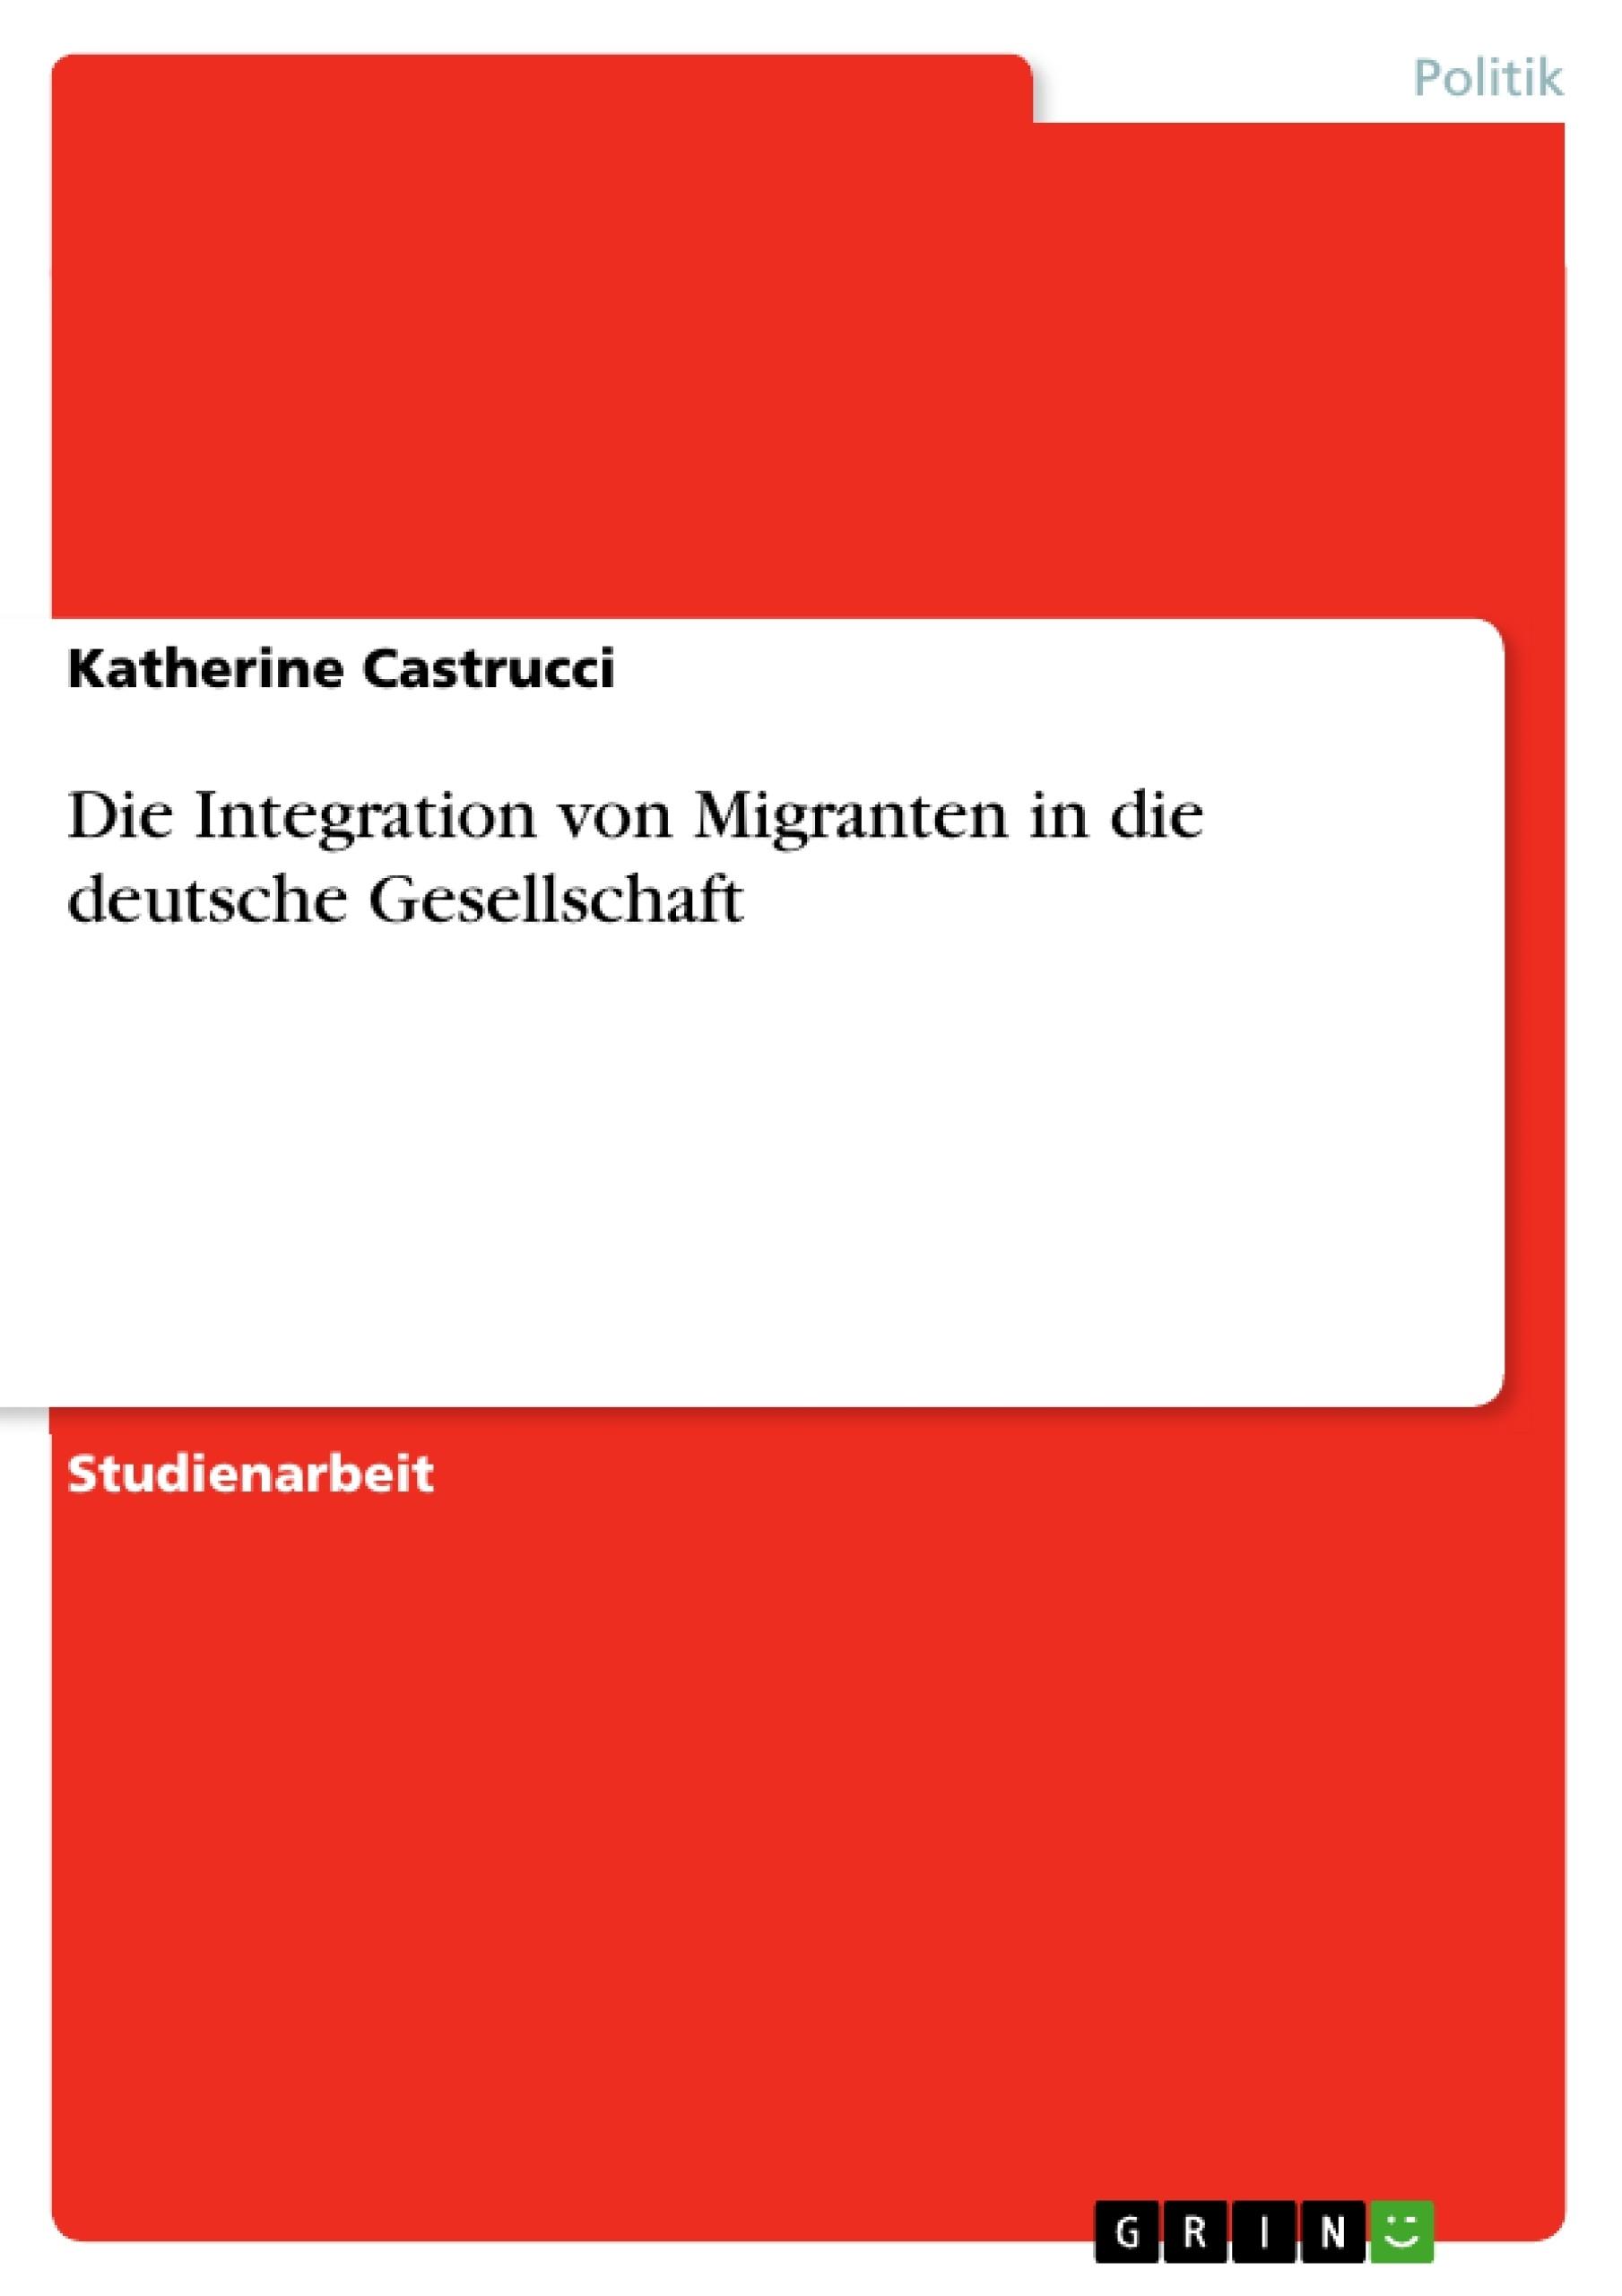 Titel: Die Integration von Migranten in die deutsche Gesellschaft